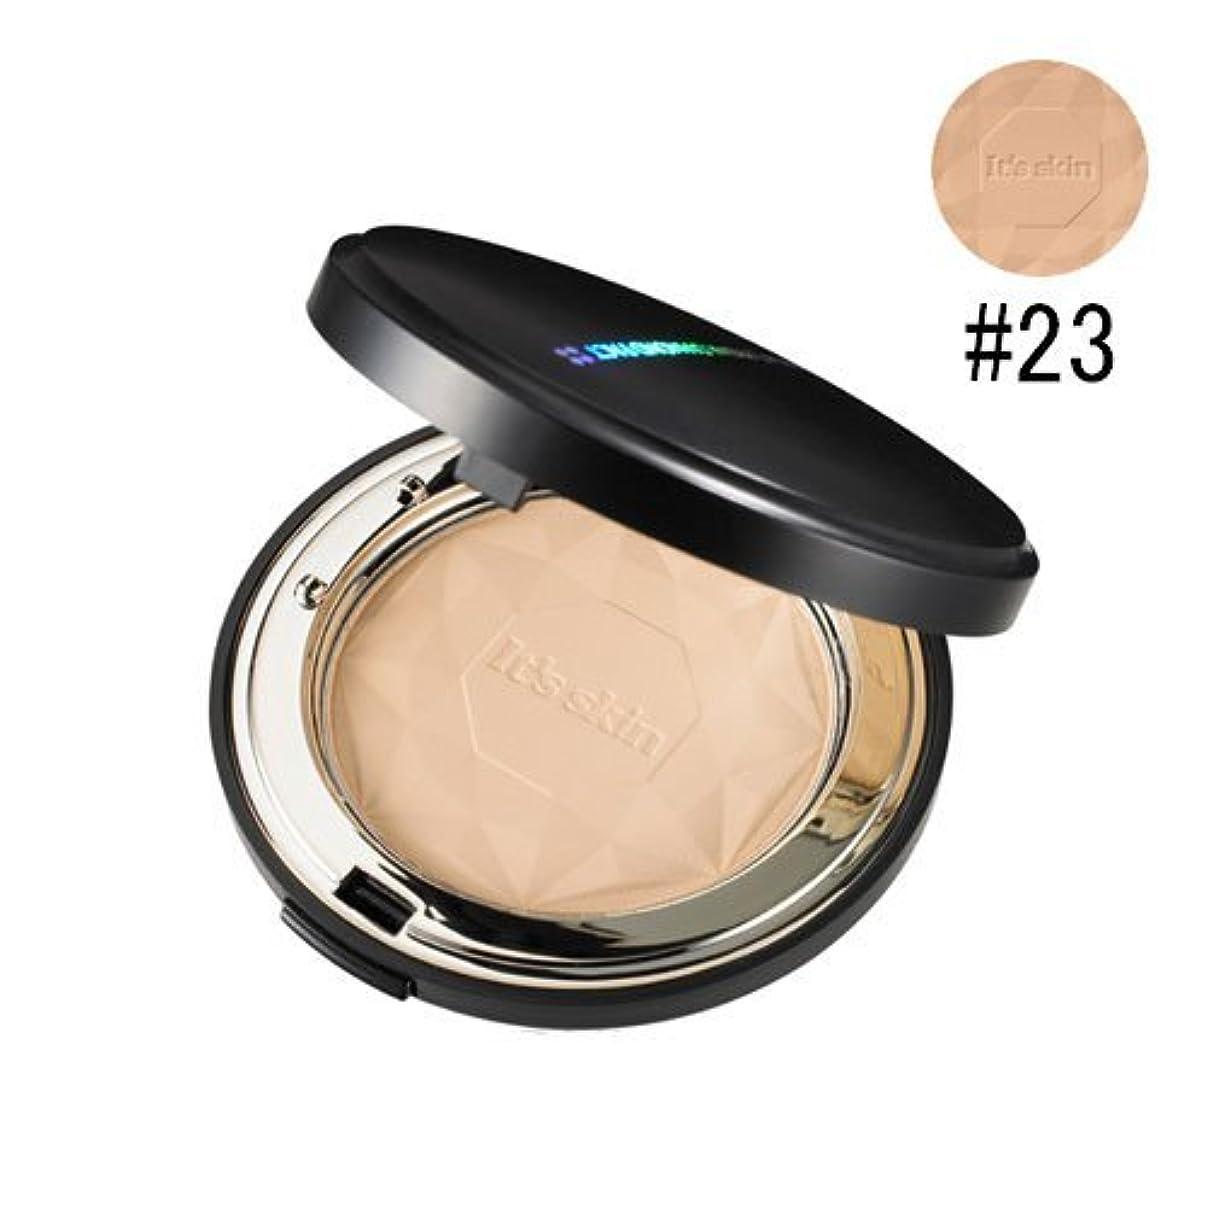 異邦人謎めいた弾薬It's skin イッツスキン プリズマ ダイアモンドパクト SPF25 PA++# 23号ナチュラルベージュ